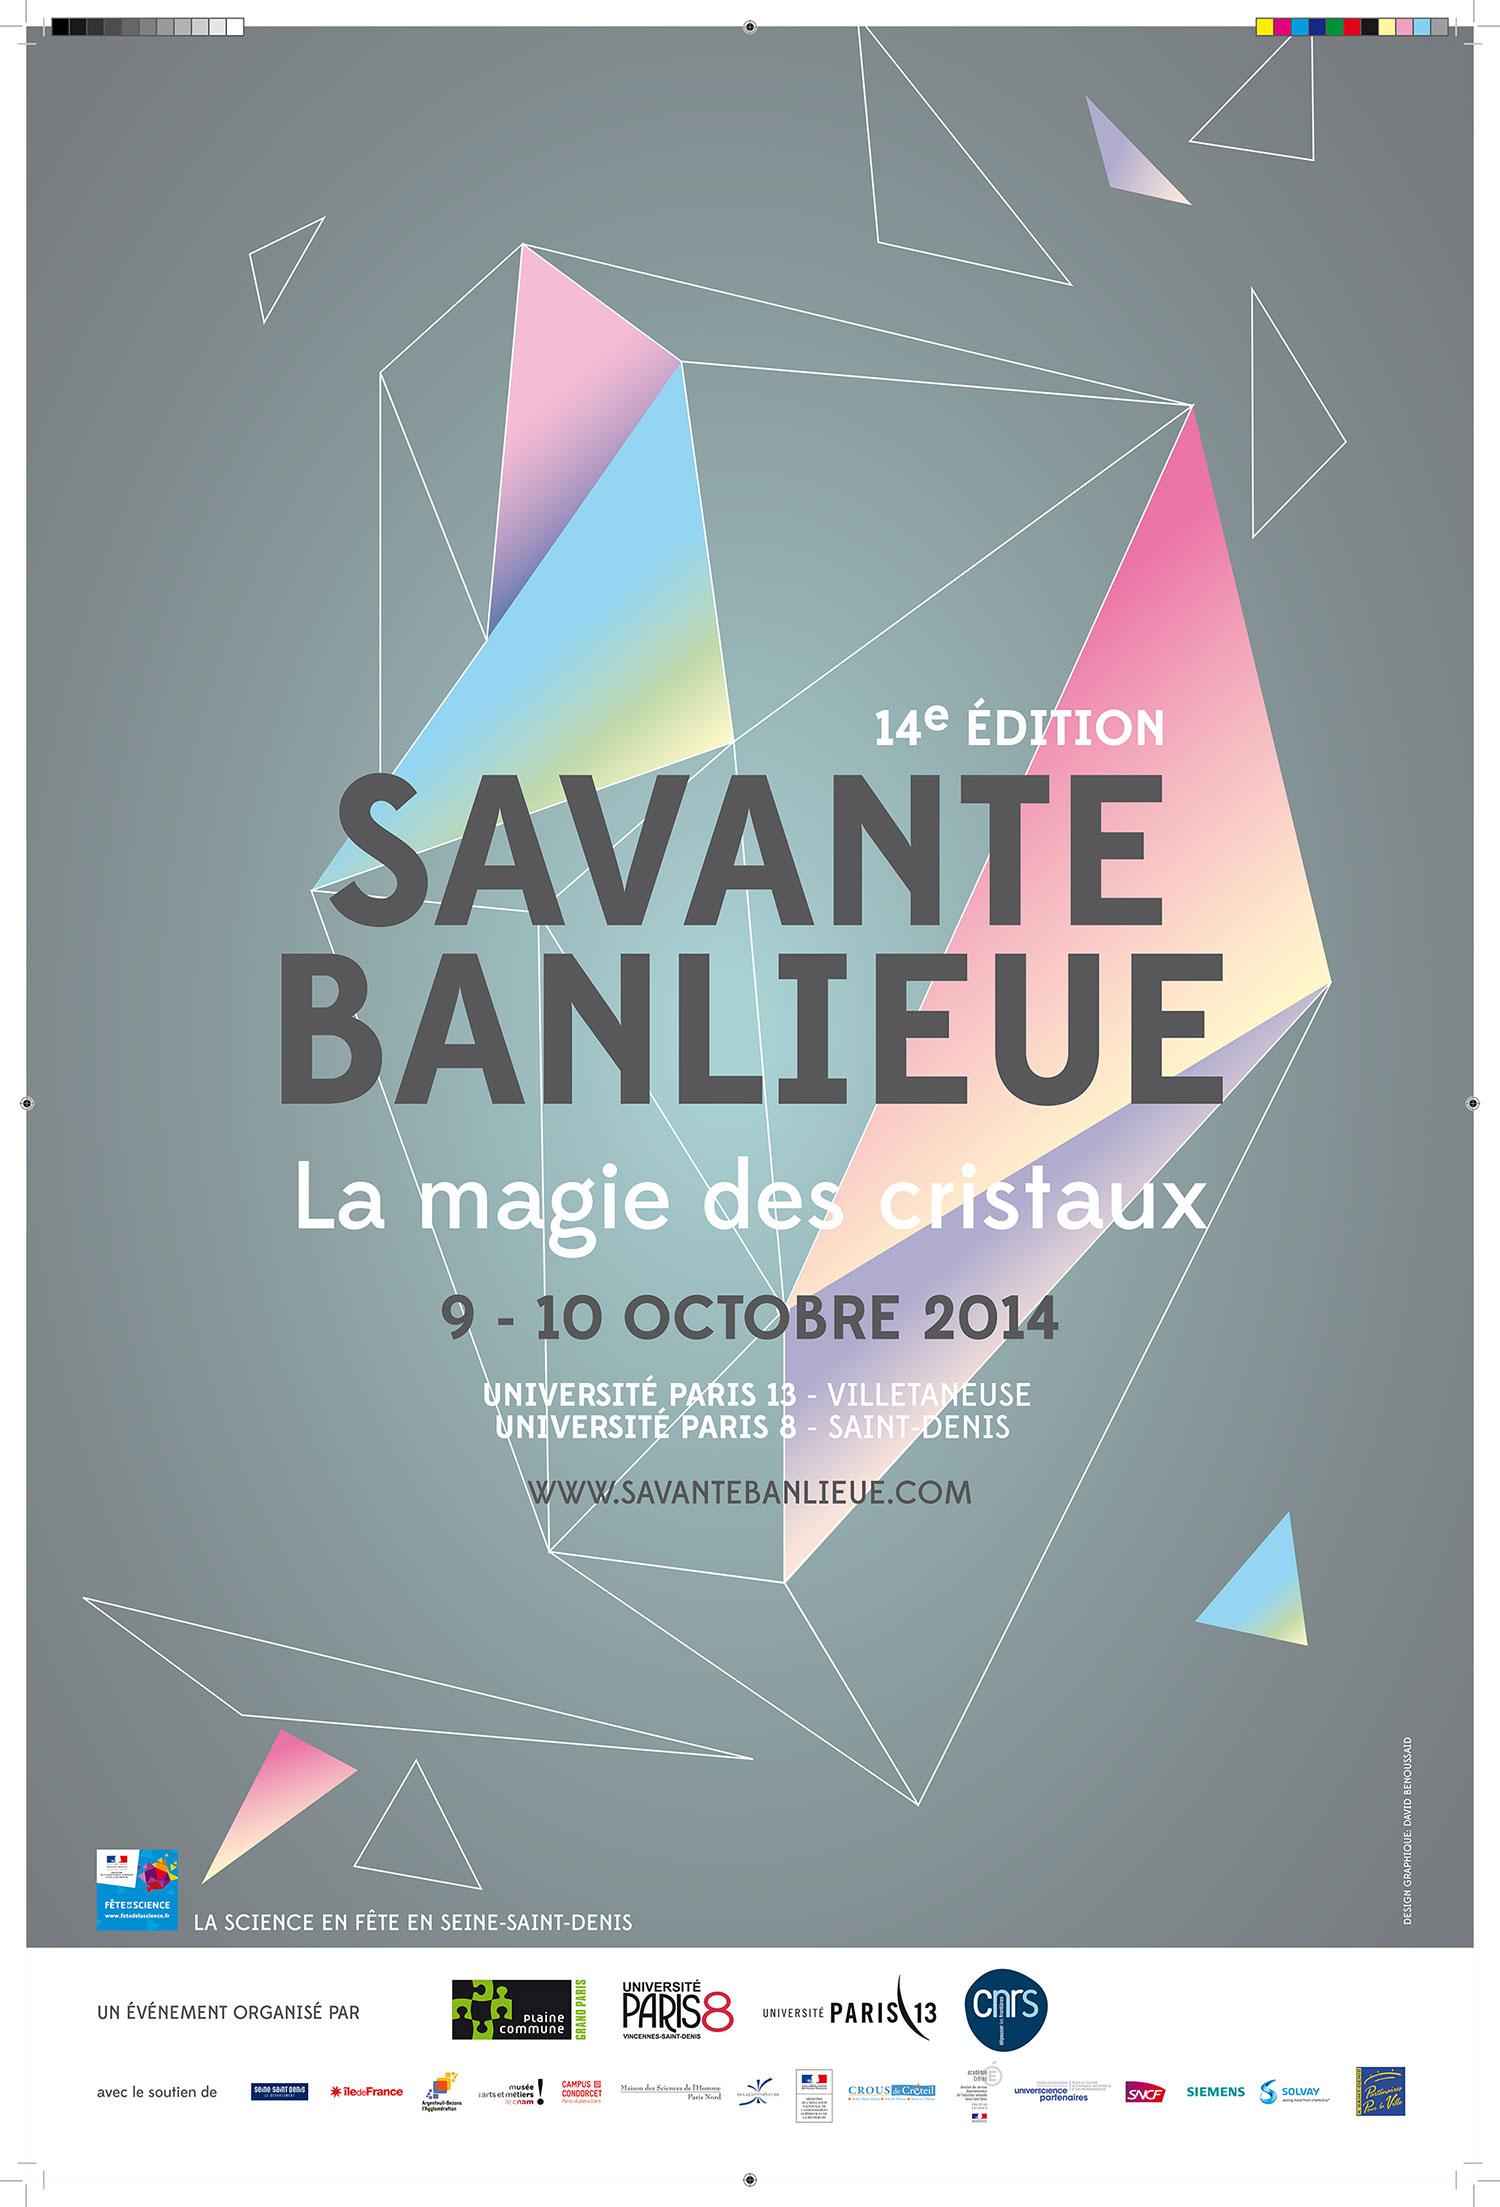 AFFICHE-SAVANTE-BANLIEUE-40x60